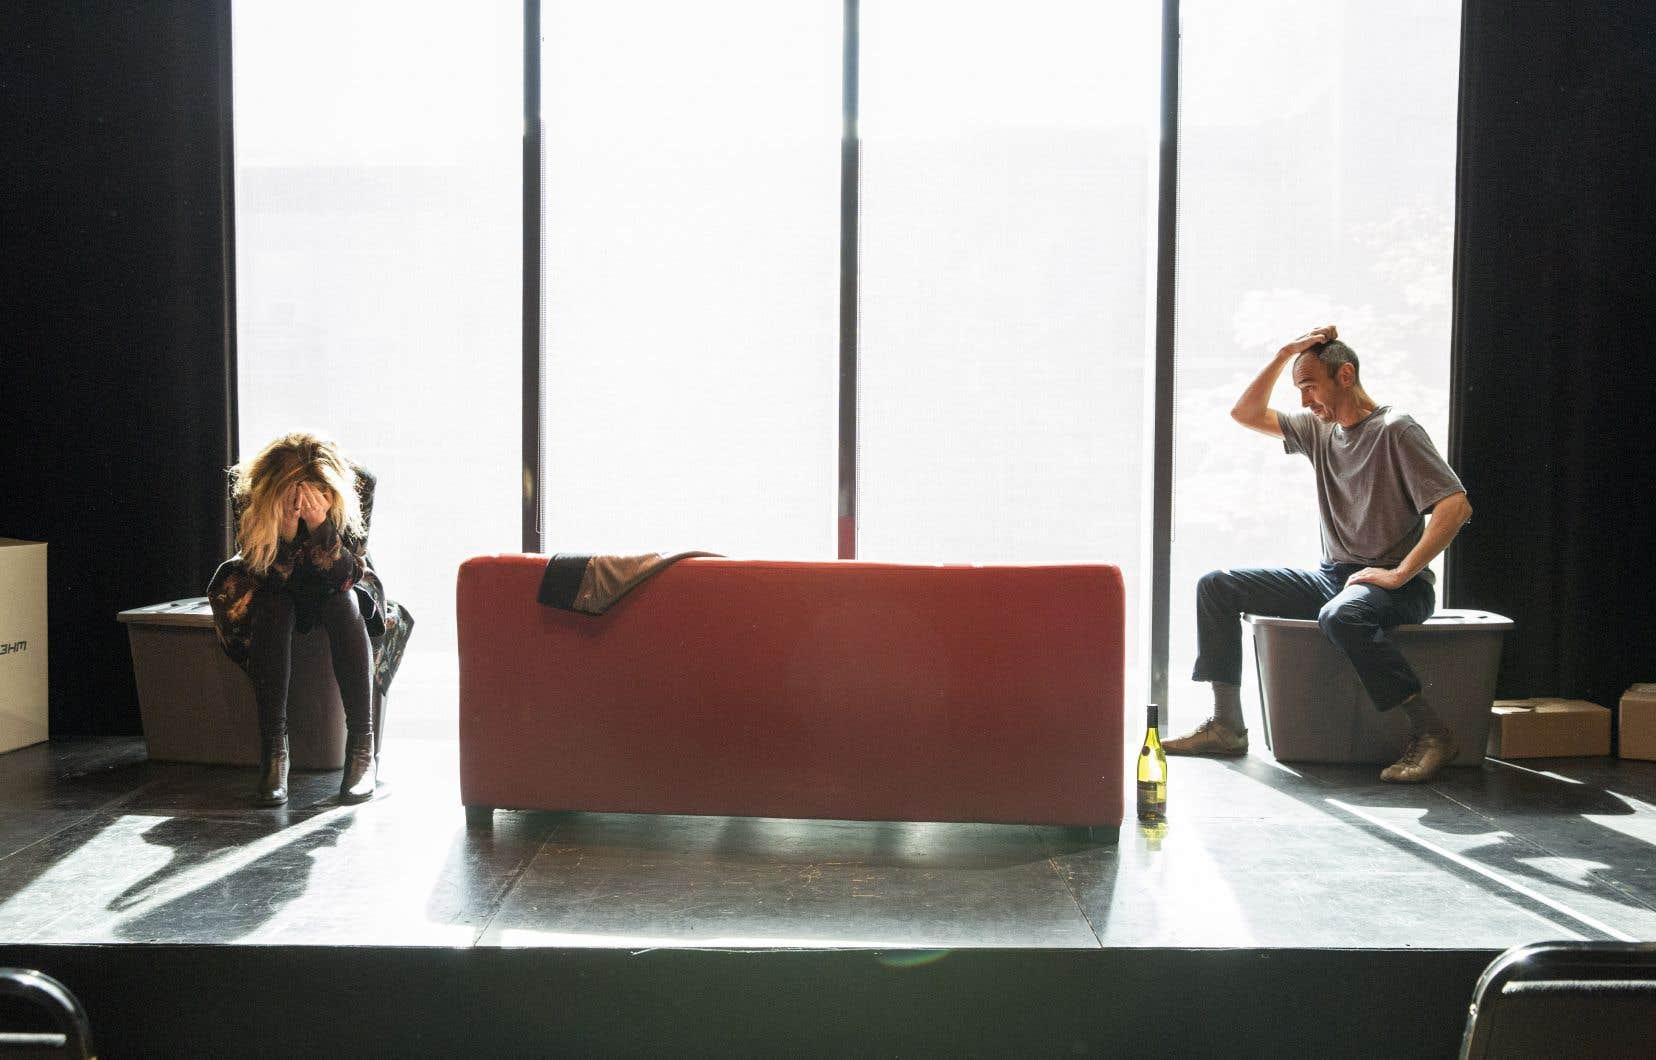 Autour d'un canapé orienté vers de grandes fenêtres, Sean et Lisa se font une drôle de cour avec un apprivoisement parsemé d'embûches et une séduction riche en malaises.